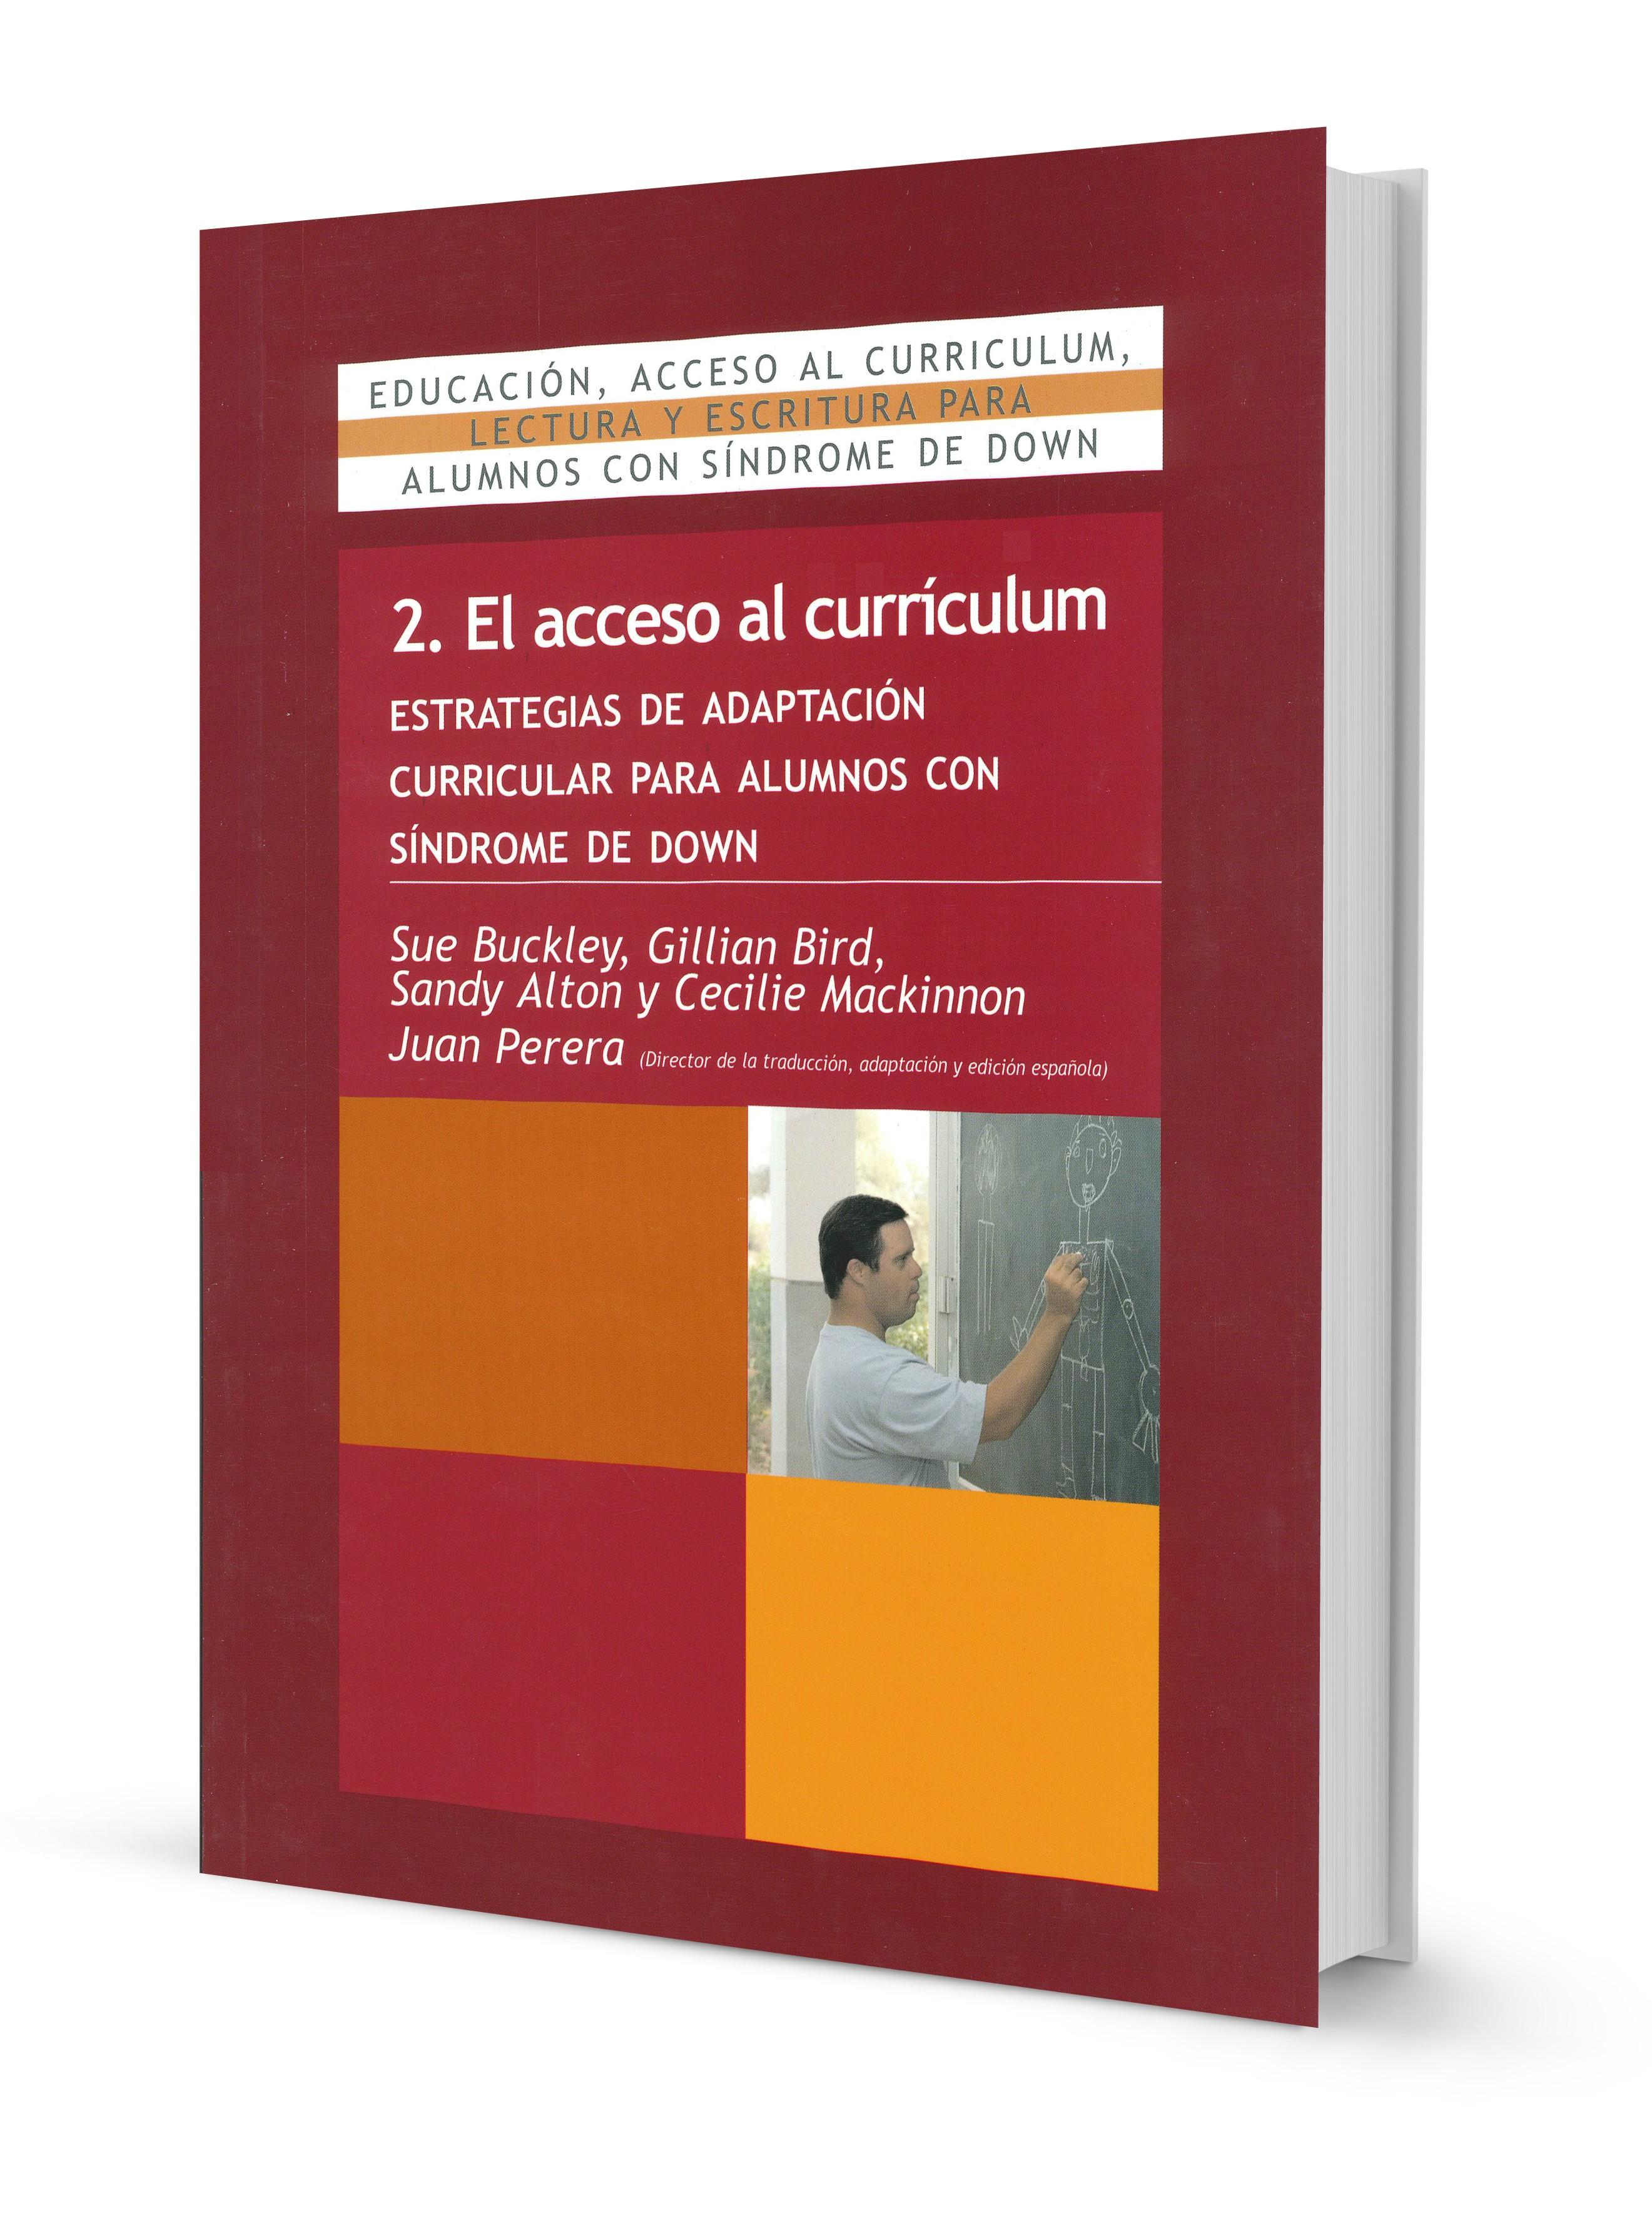 Lujoso Currículum De Escritura En Wordpad Elaboración - Ejemplo De ...